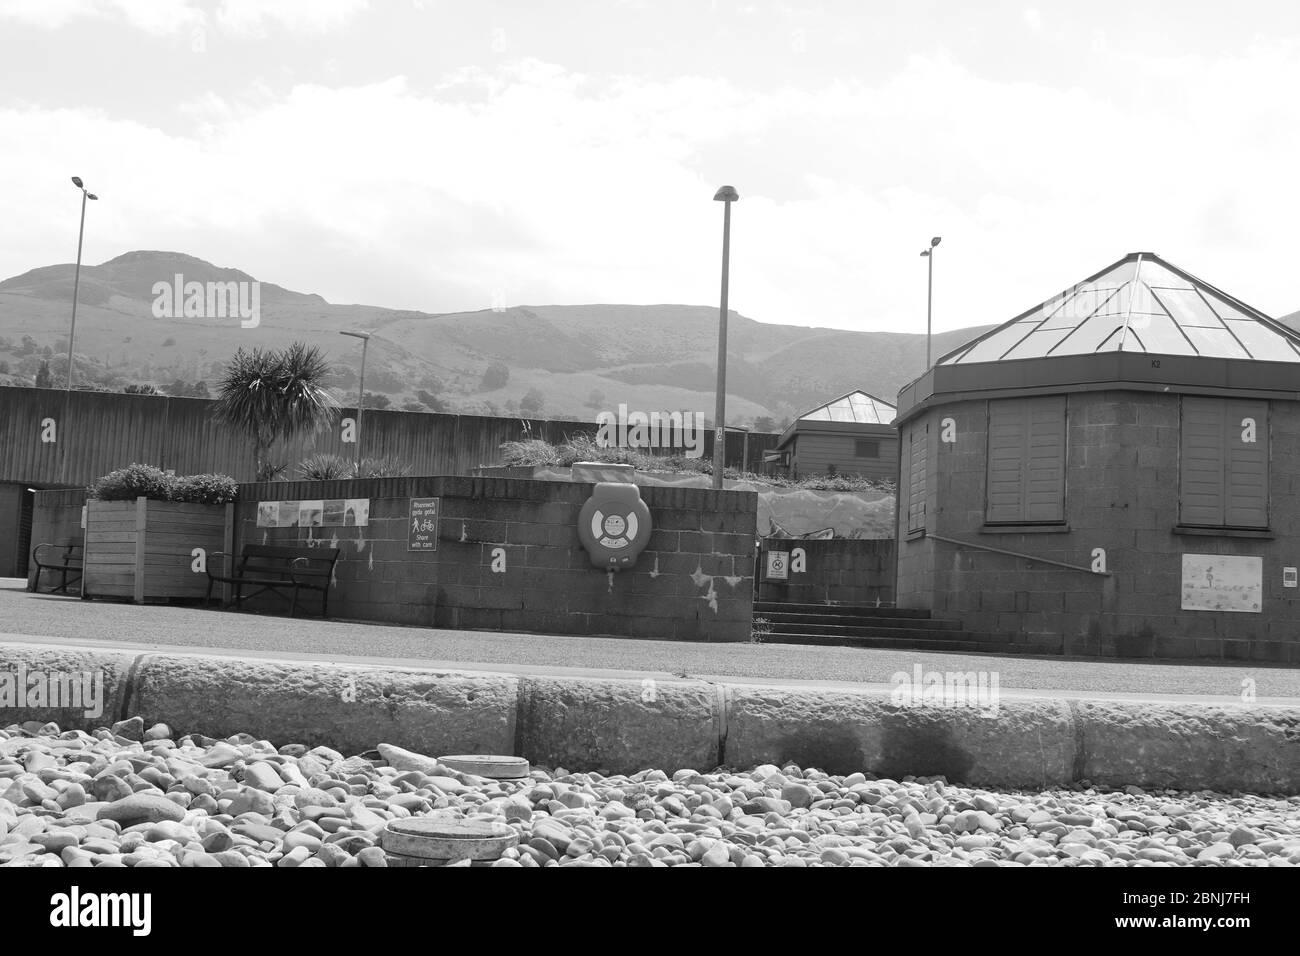 Penmaenmawr, Promenade Nord du pays de Galles crédit : Mike Clarke / Alamy stock photos Banque D'Images